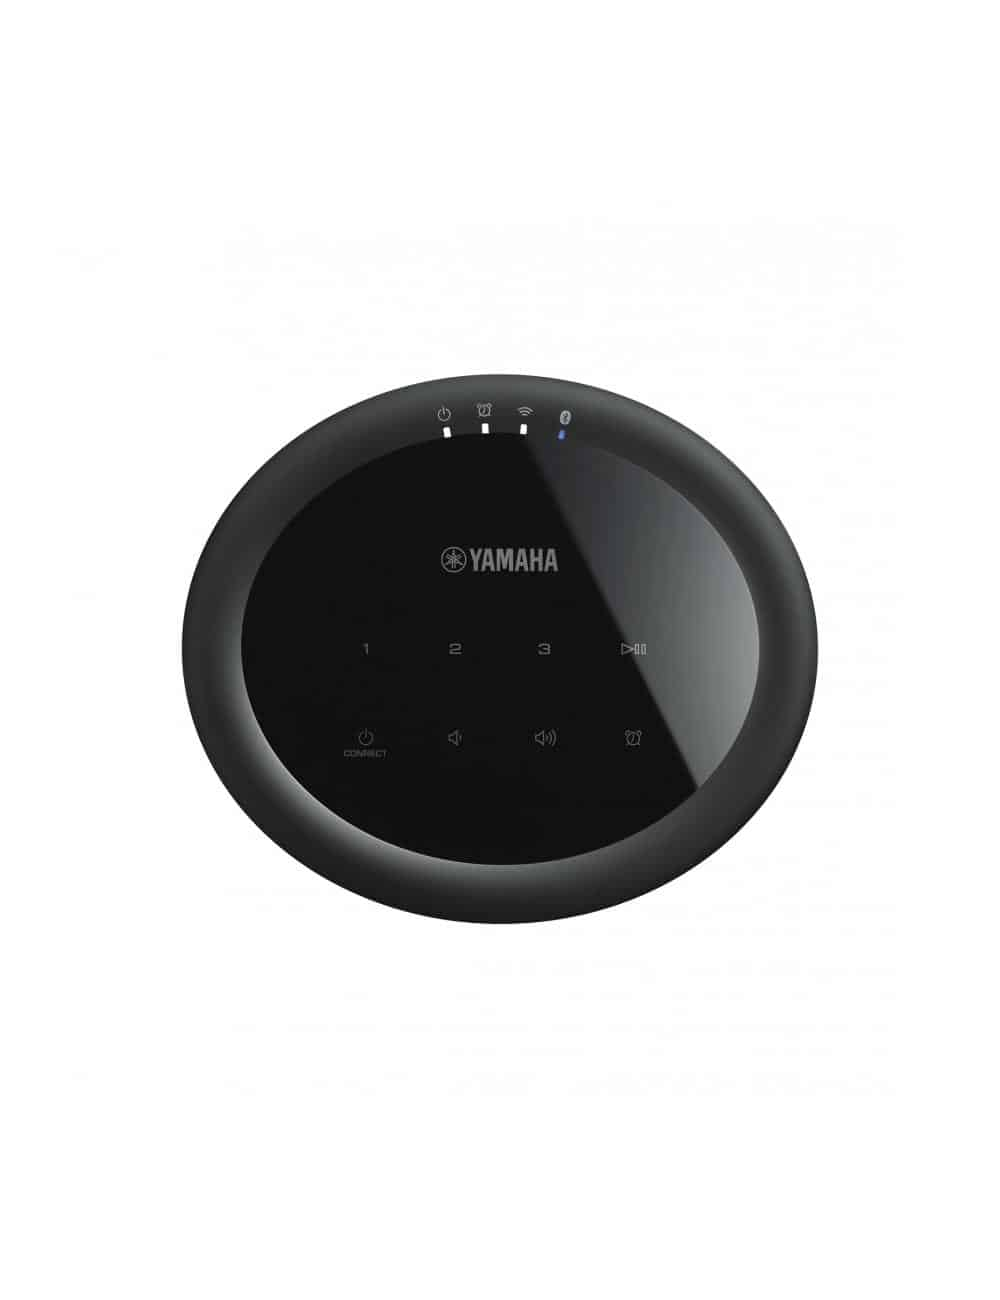 Diffusore amplificato wireless streaming, Yamaha MusicCast 20,  finitura nero, vista superiore